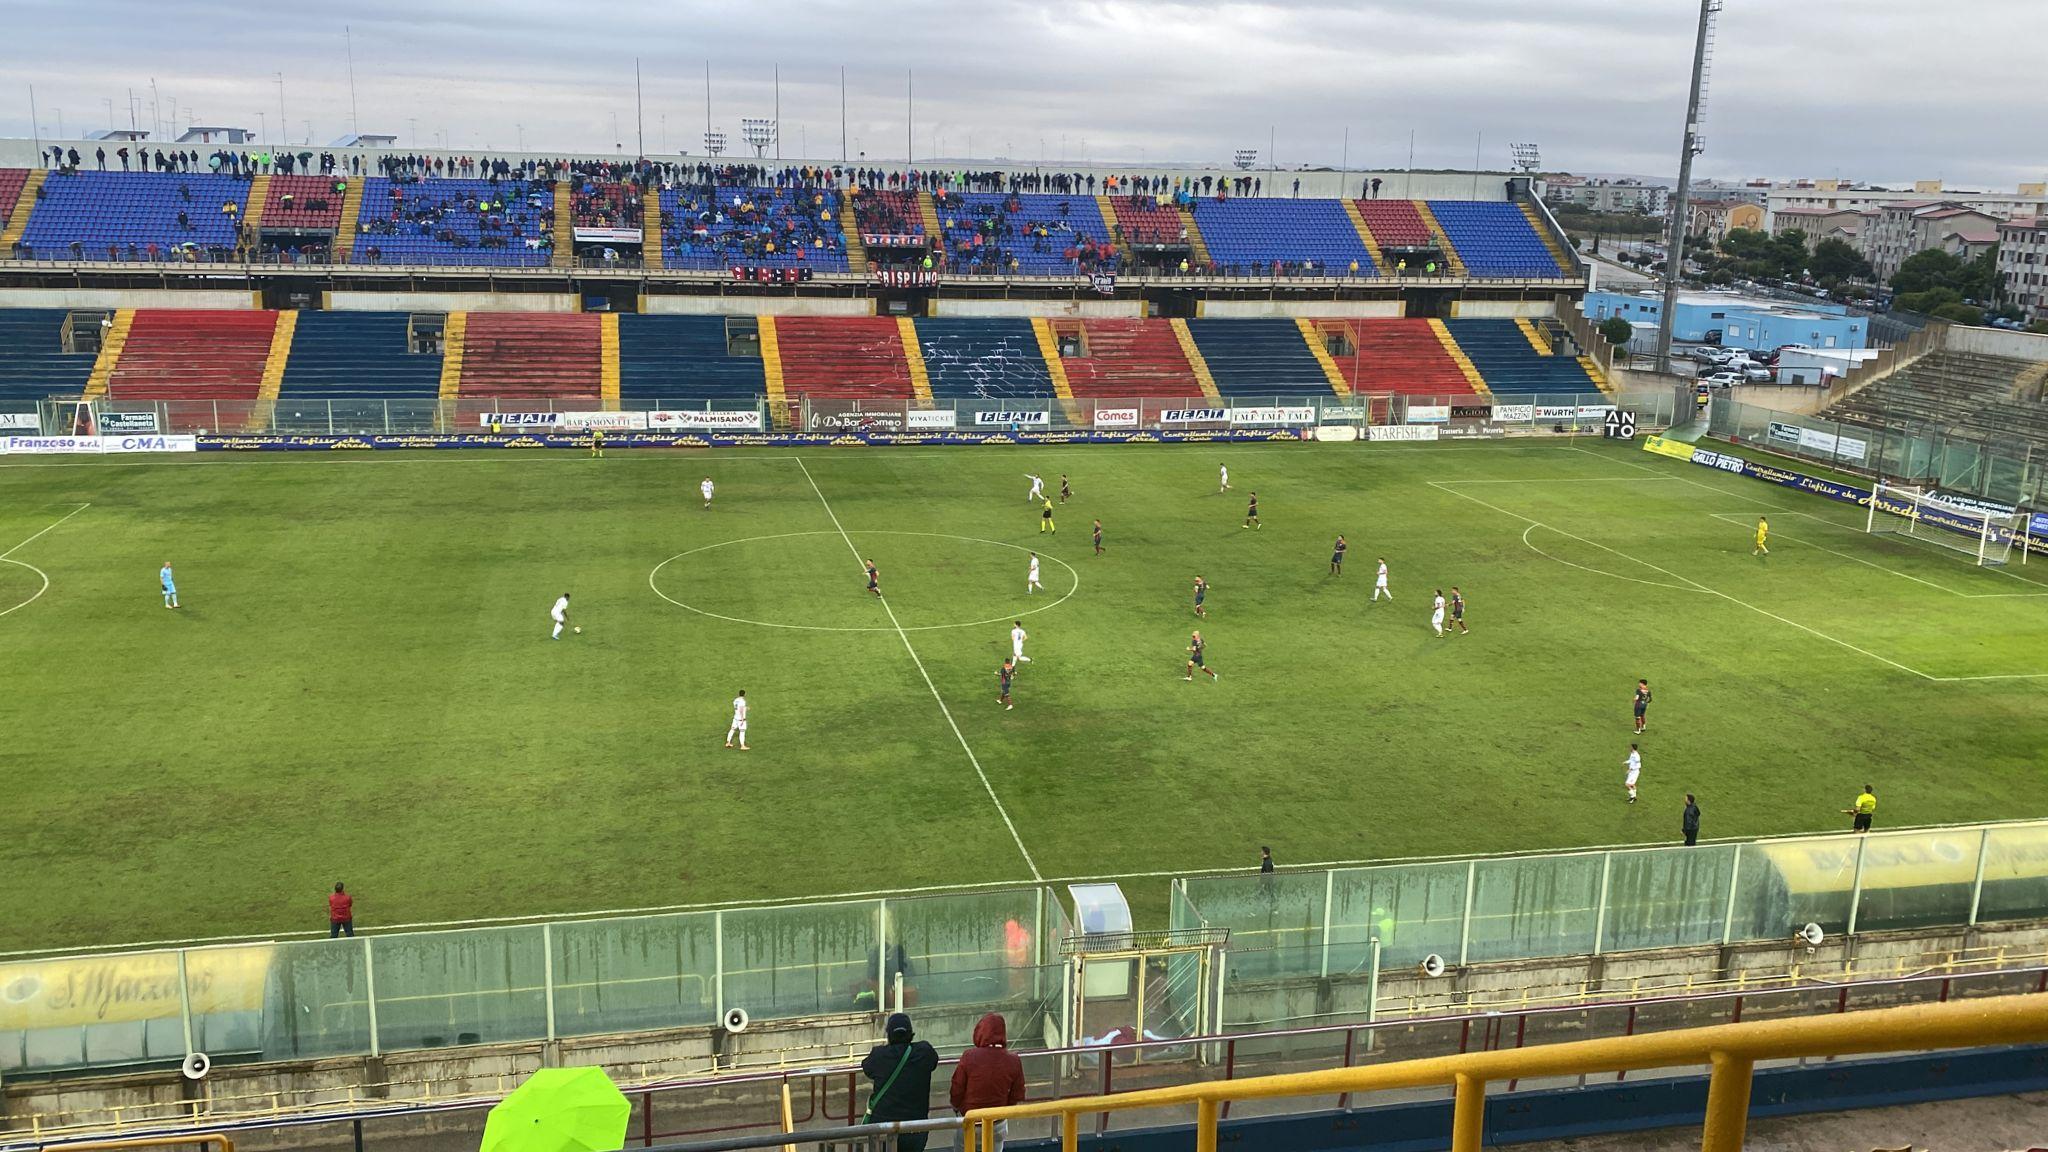 TARANTO - VIBONESE 0-0 | Il tabellino del match immagine 18101 US Vibonese Calcio